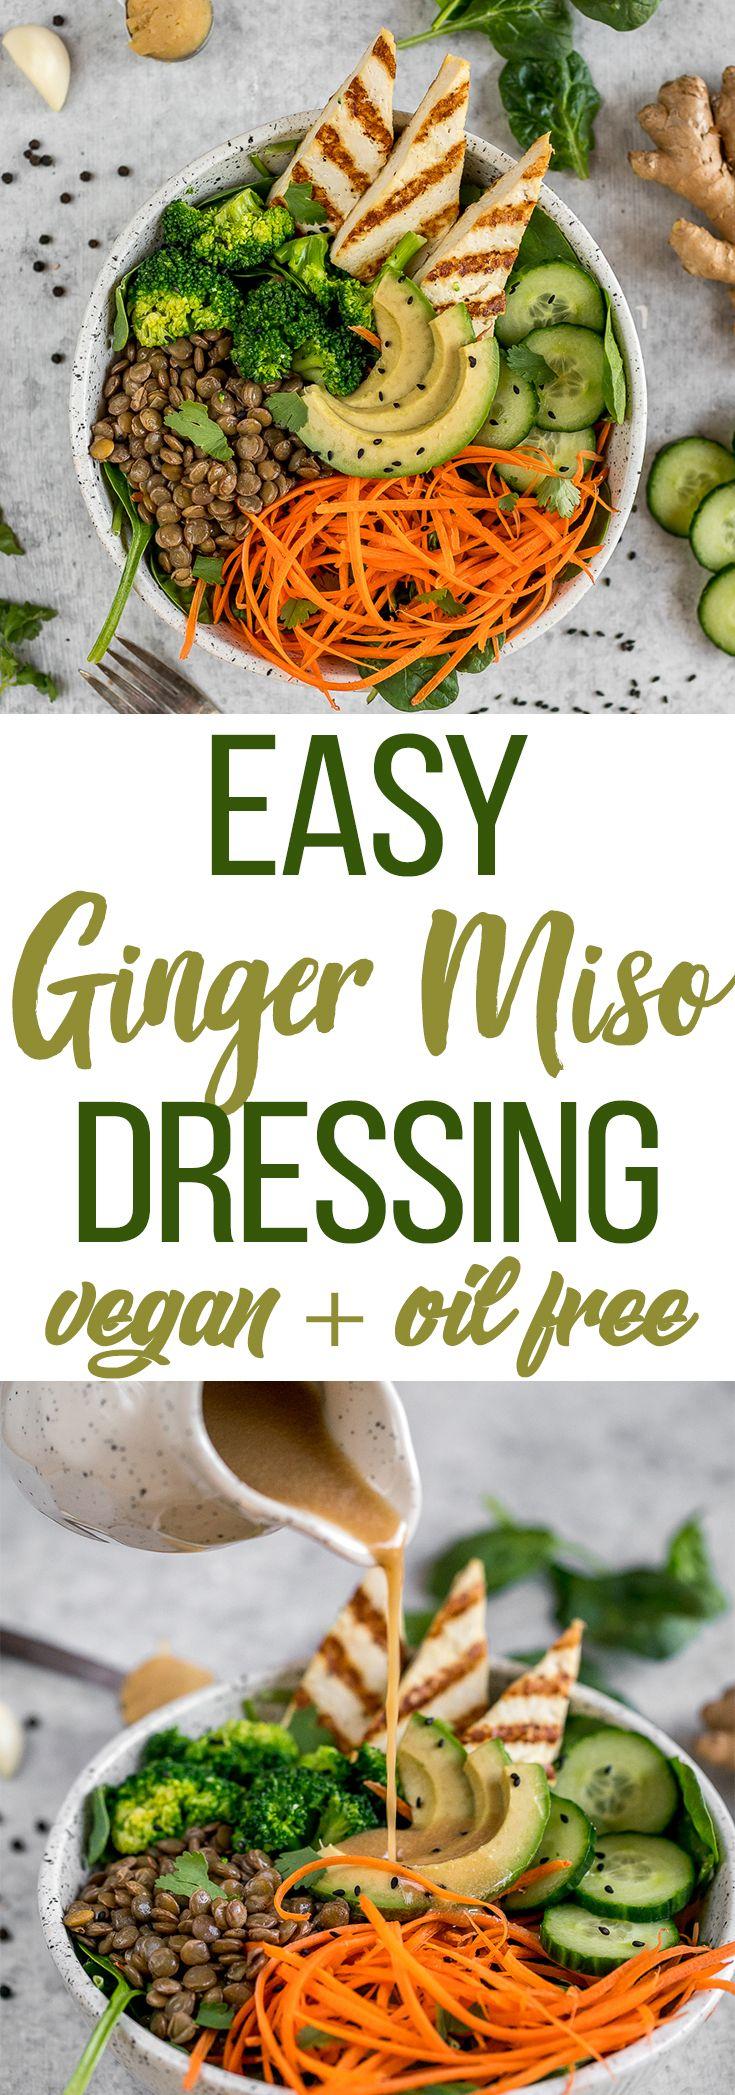 Easy Ginger Miso Dressing 7Ingredients + Gluten & Oil